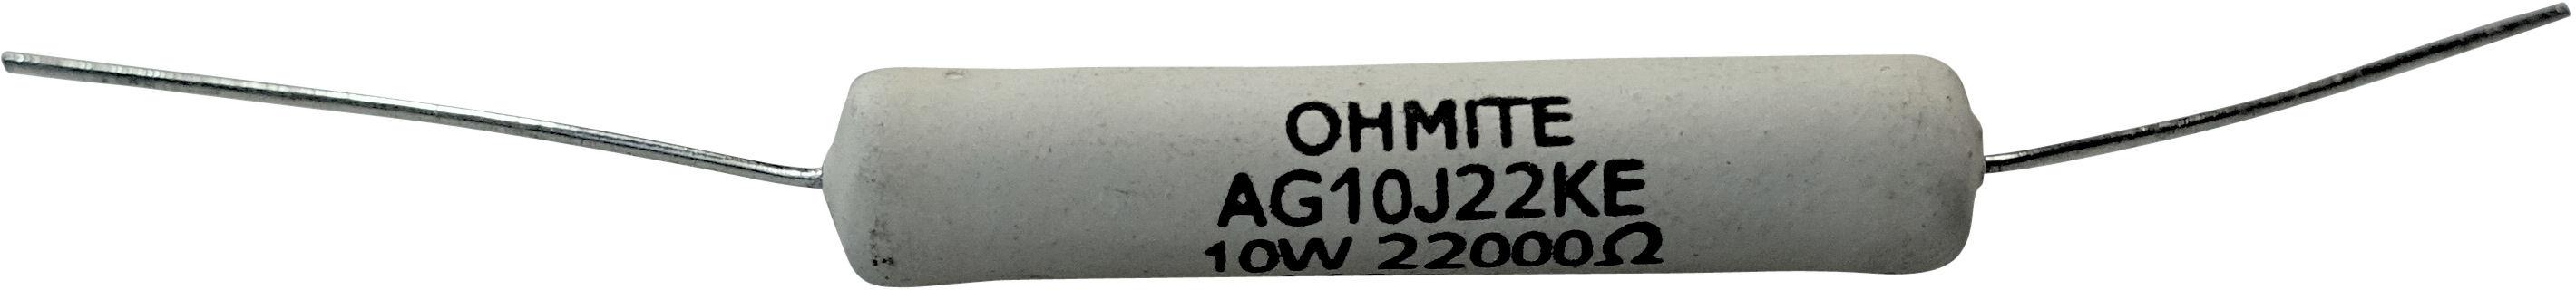 Ohmite Audio Gold 10W - 120 Ohm